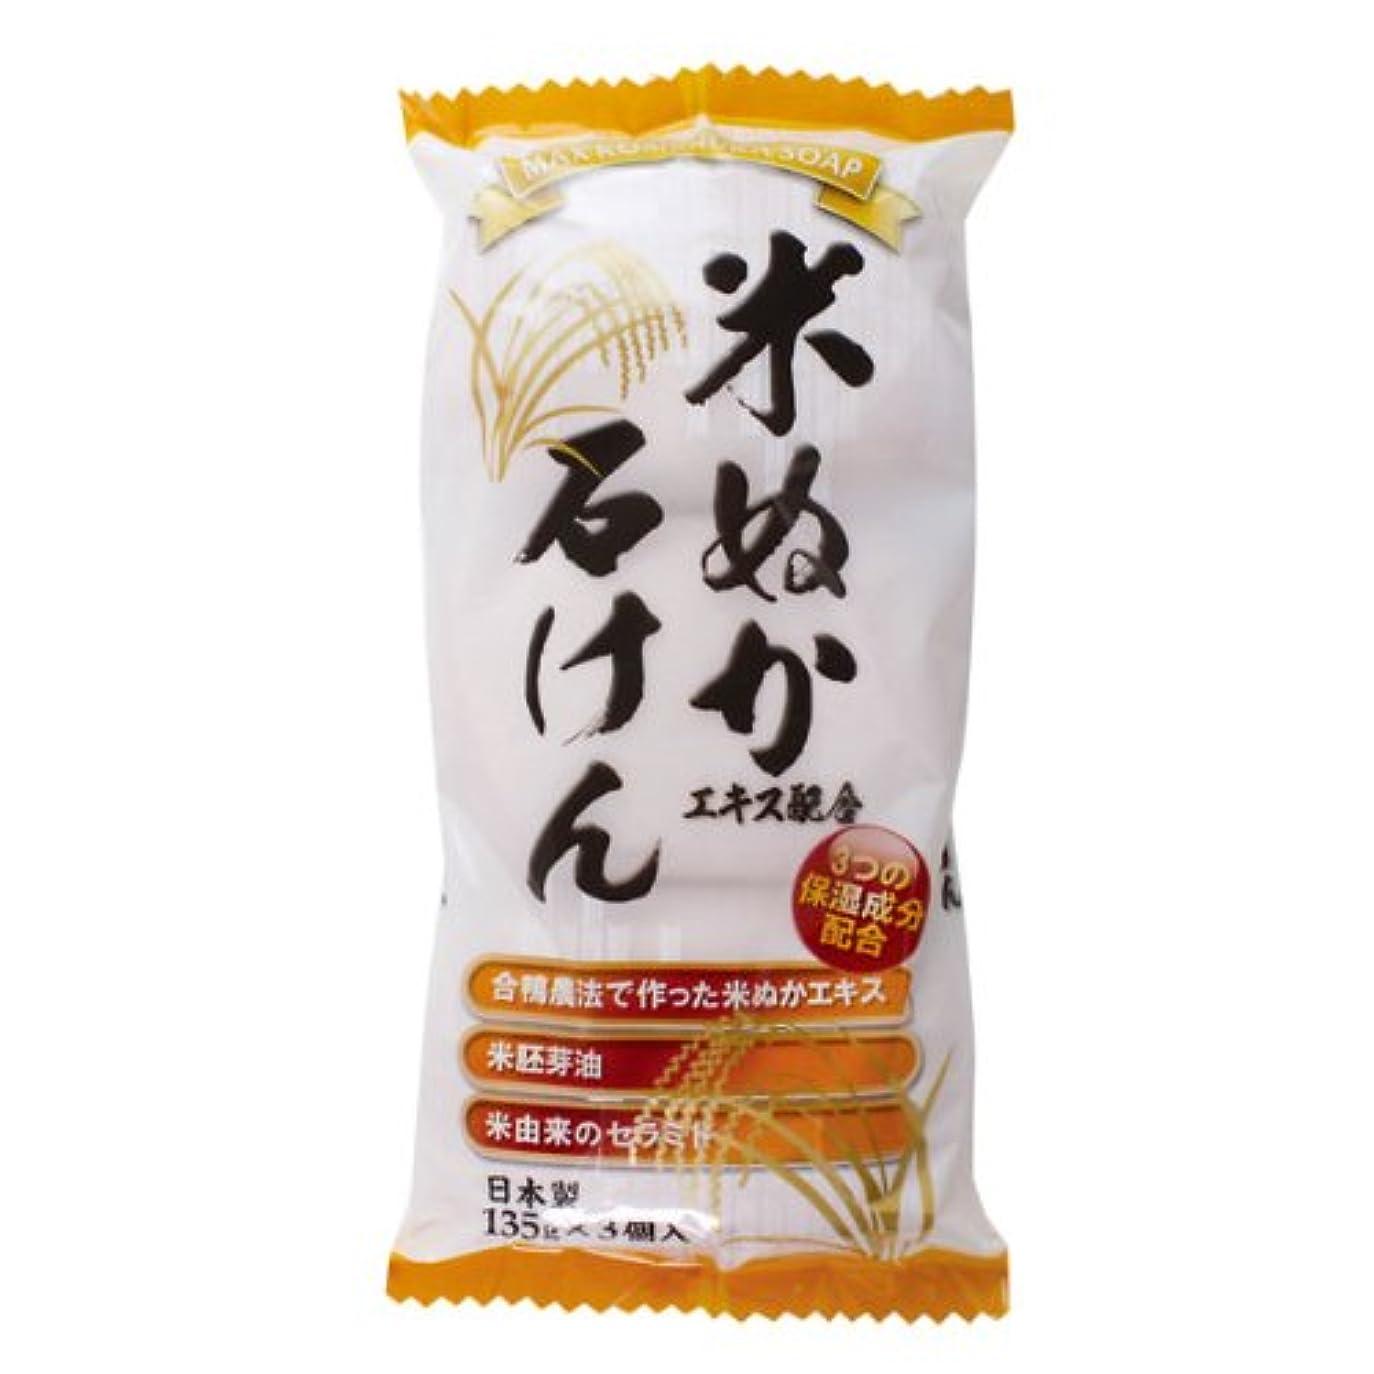 依存豊富な申し立てる米ぬかエキス配合石けん 3個入 135g×3個